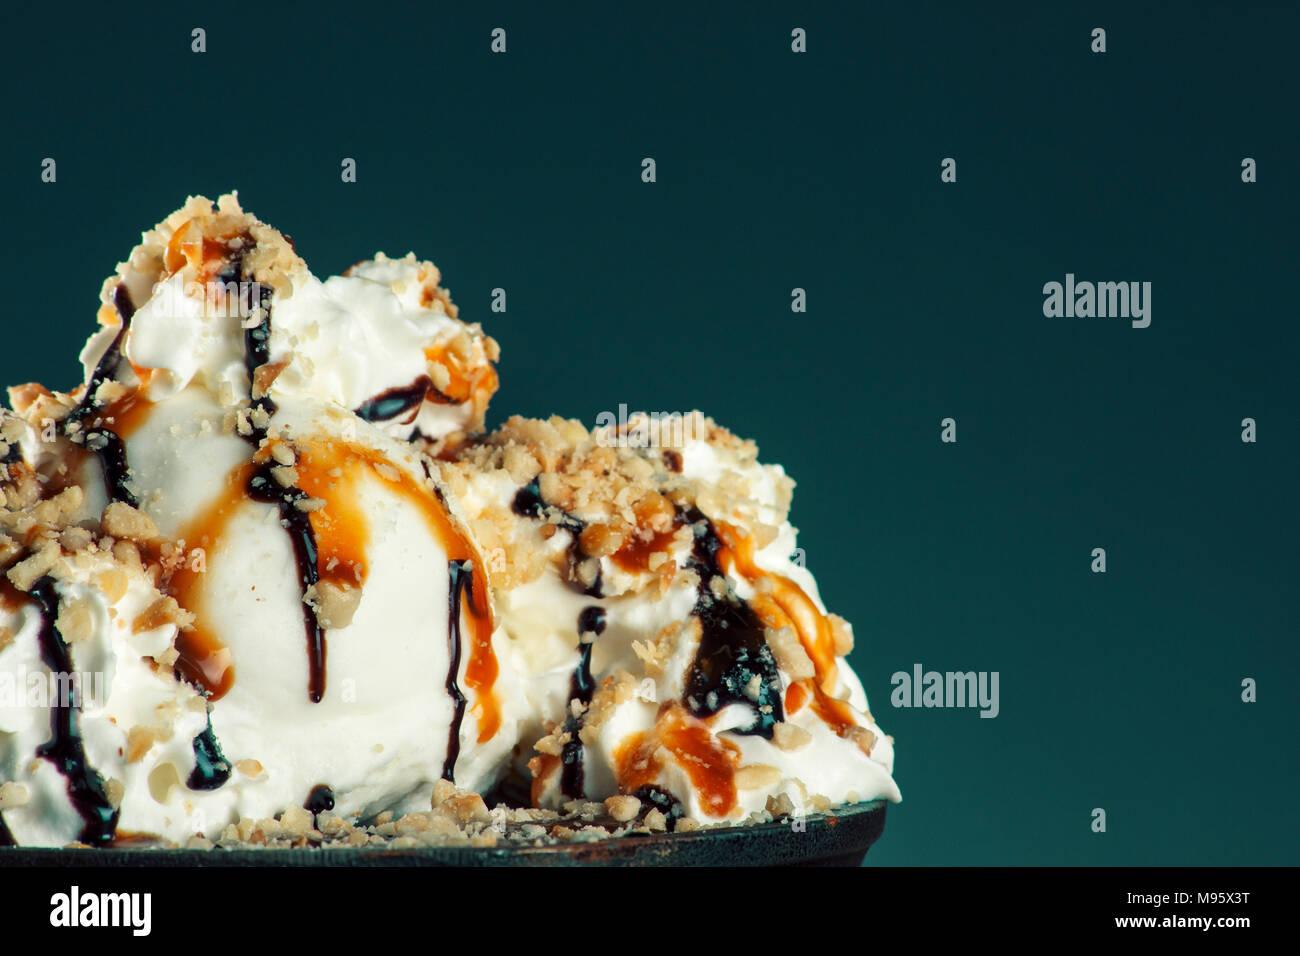 Pezzo di cioccolato mandorla dolce di farina di mais con la pioggerella balsamico e gelato Immagini Stock